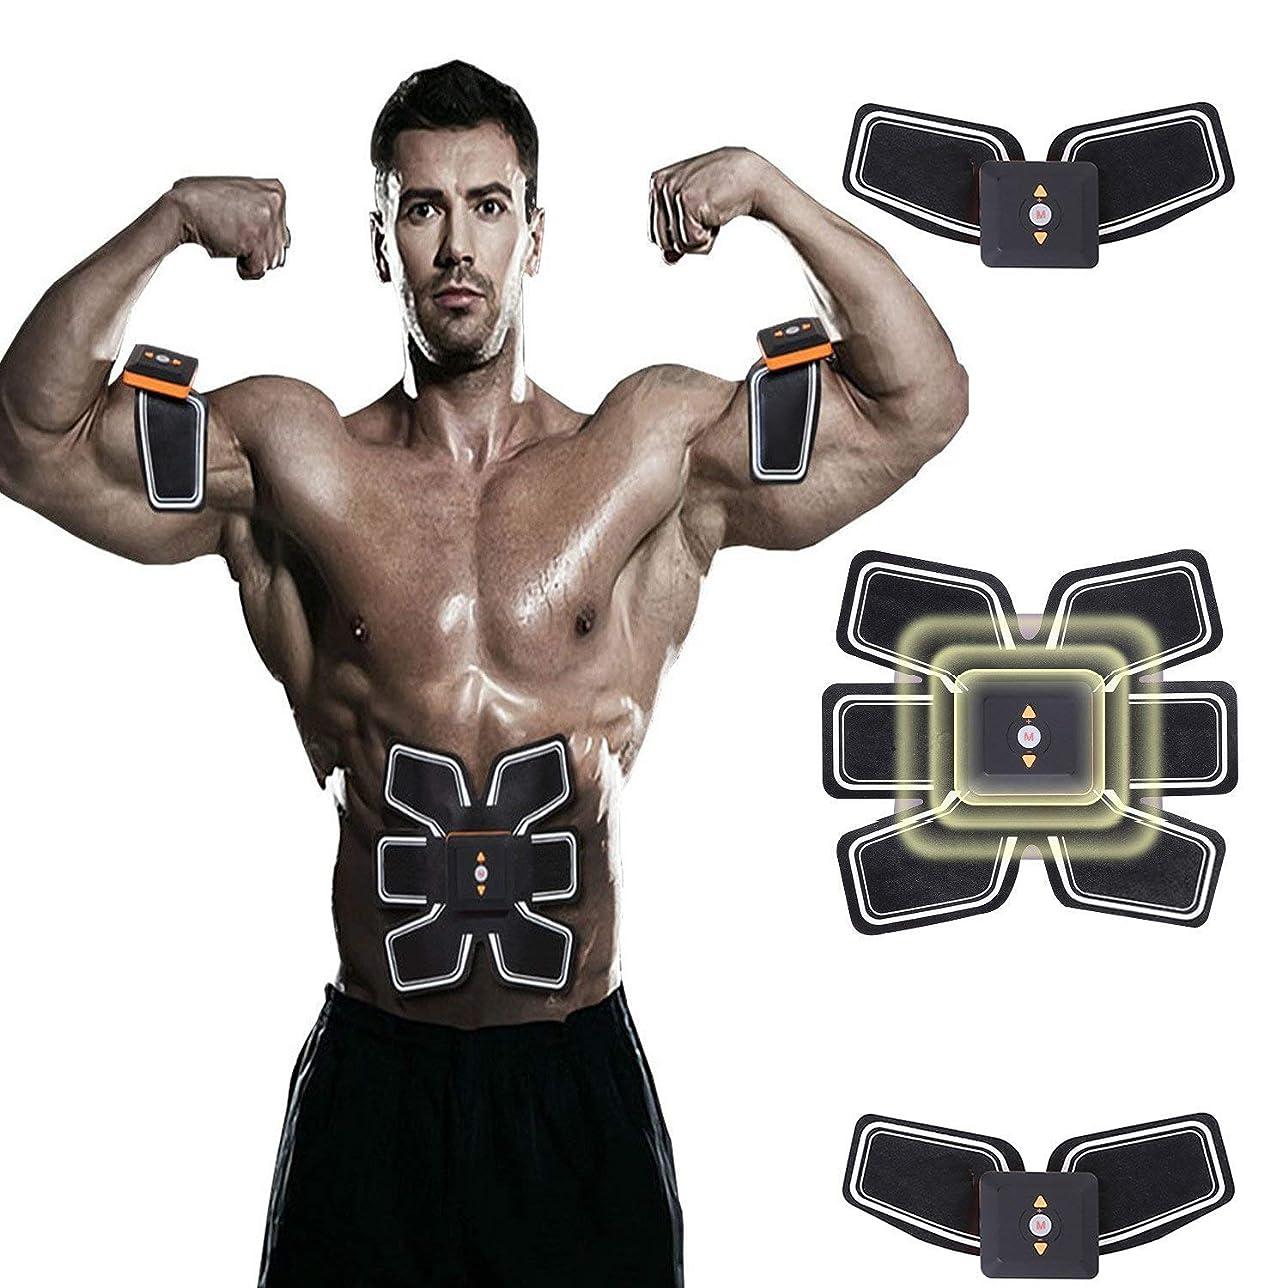 廃棄アリーナ傾向があるGWM トレーニングマッサージ筋肉トレーニングベルトトレーナーウエストトレーナーウエストトリミングベルトEMSトレーニング機器、スマートホームオフィスフィットネス機器ユニセックス(320 * 260 * 50mm)